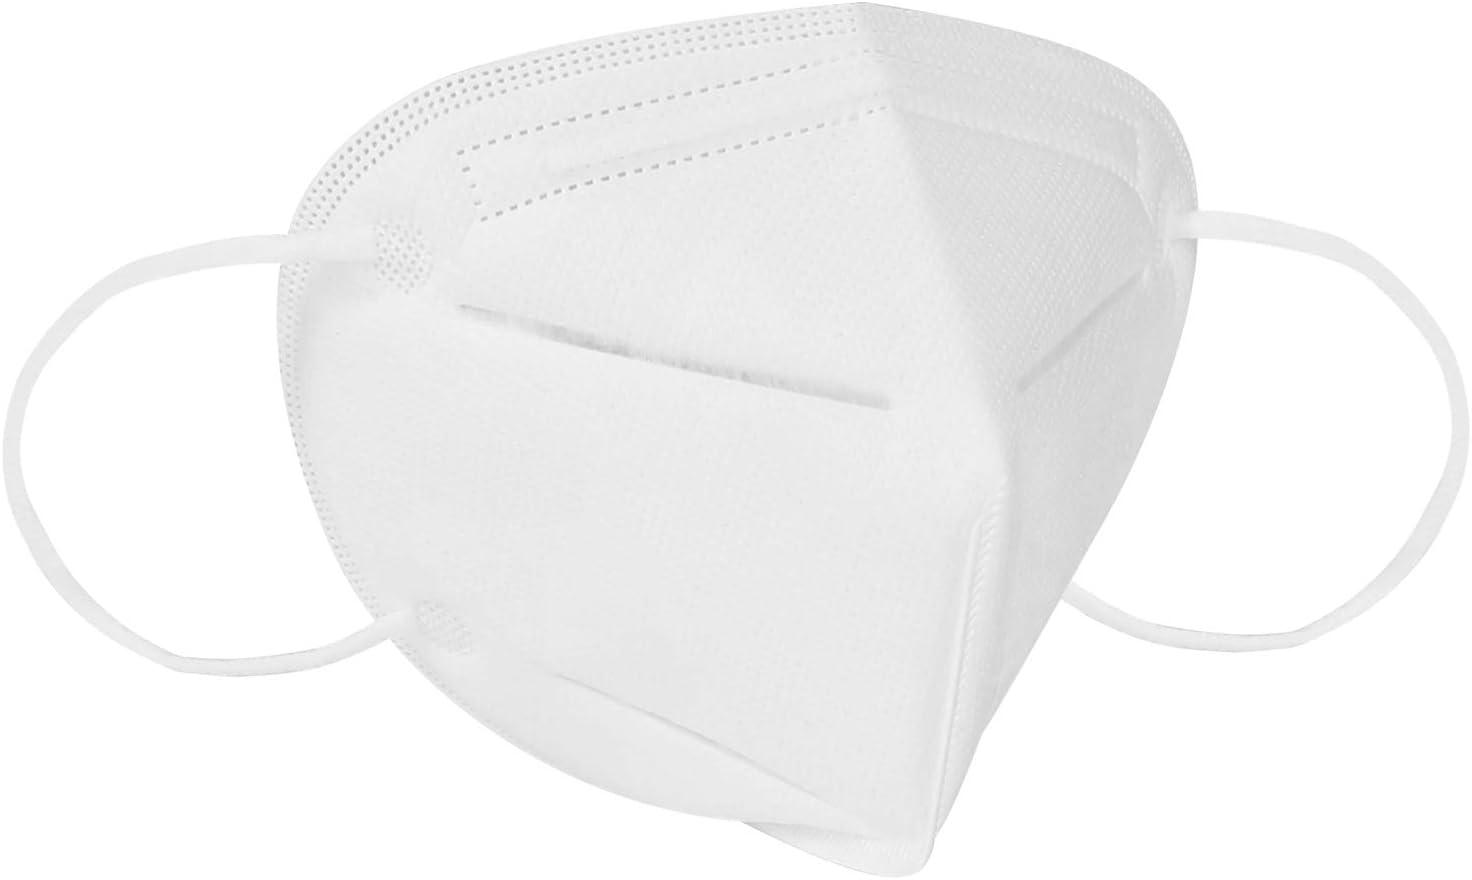 Ggdoo Boca Máscara KN90 4-Capa de la mascarilla del Adulto Anti-Niebla Haze Prueba de Polvo de la máscara a Prueba de Viento PM 2,5 Máscara Anti-partículas al Polvo Blanco